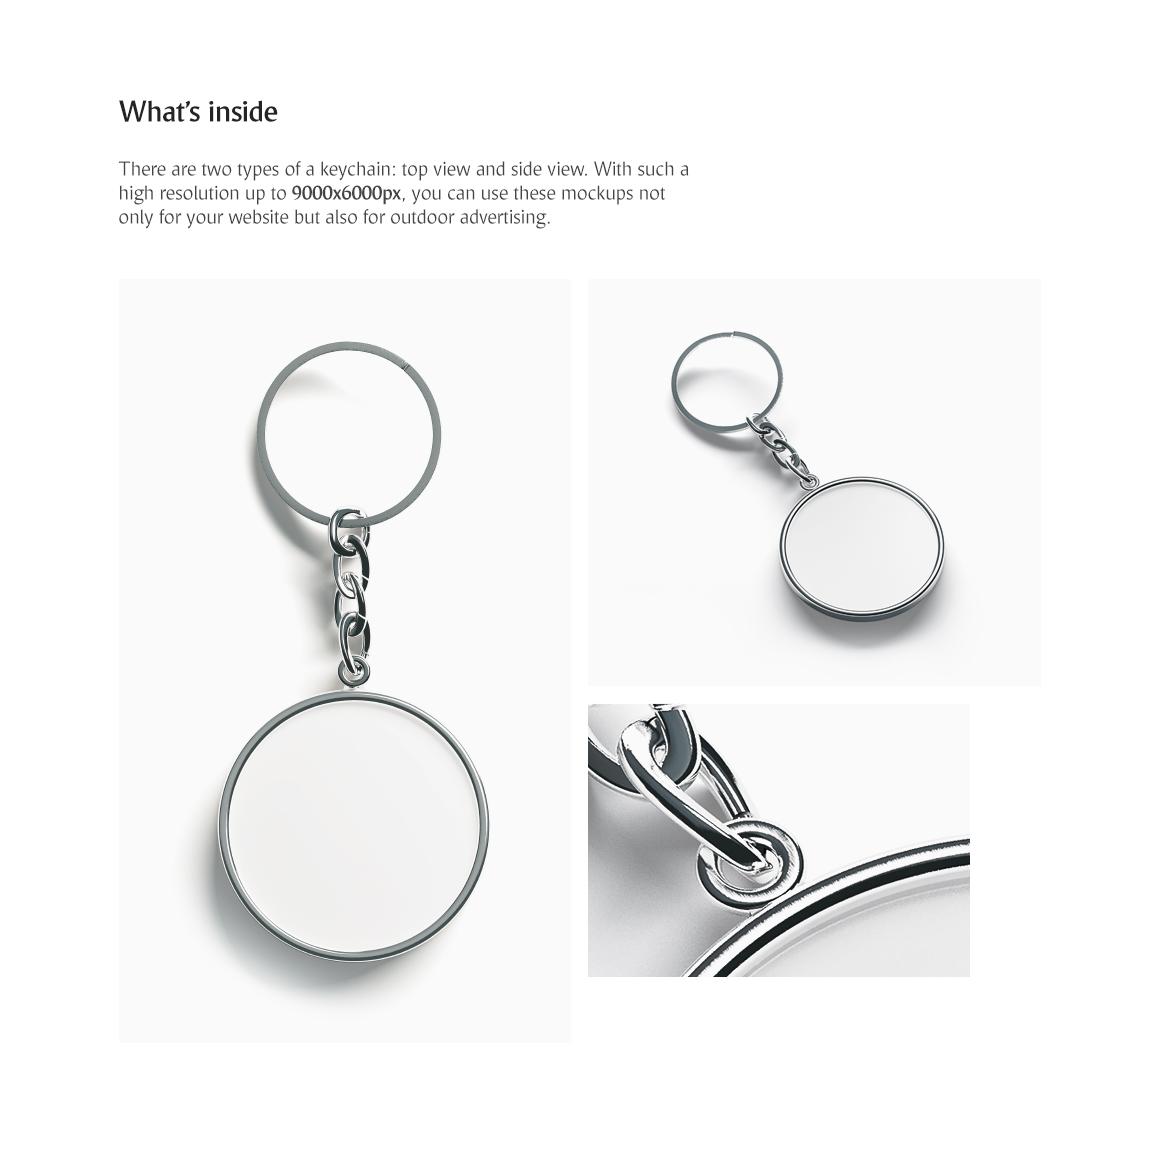 Round Keychain Mockup example image 2